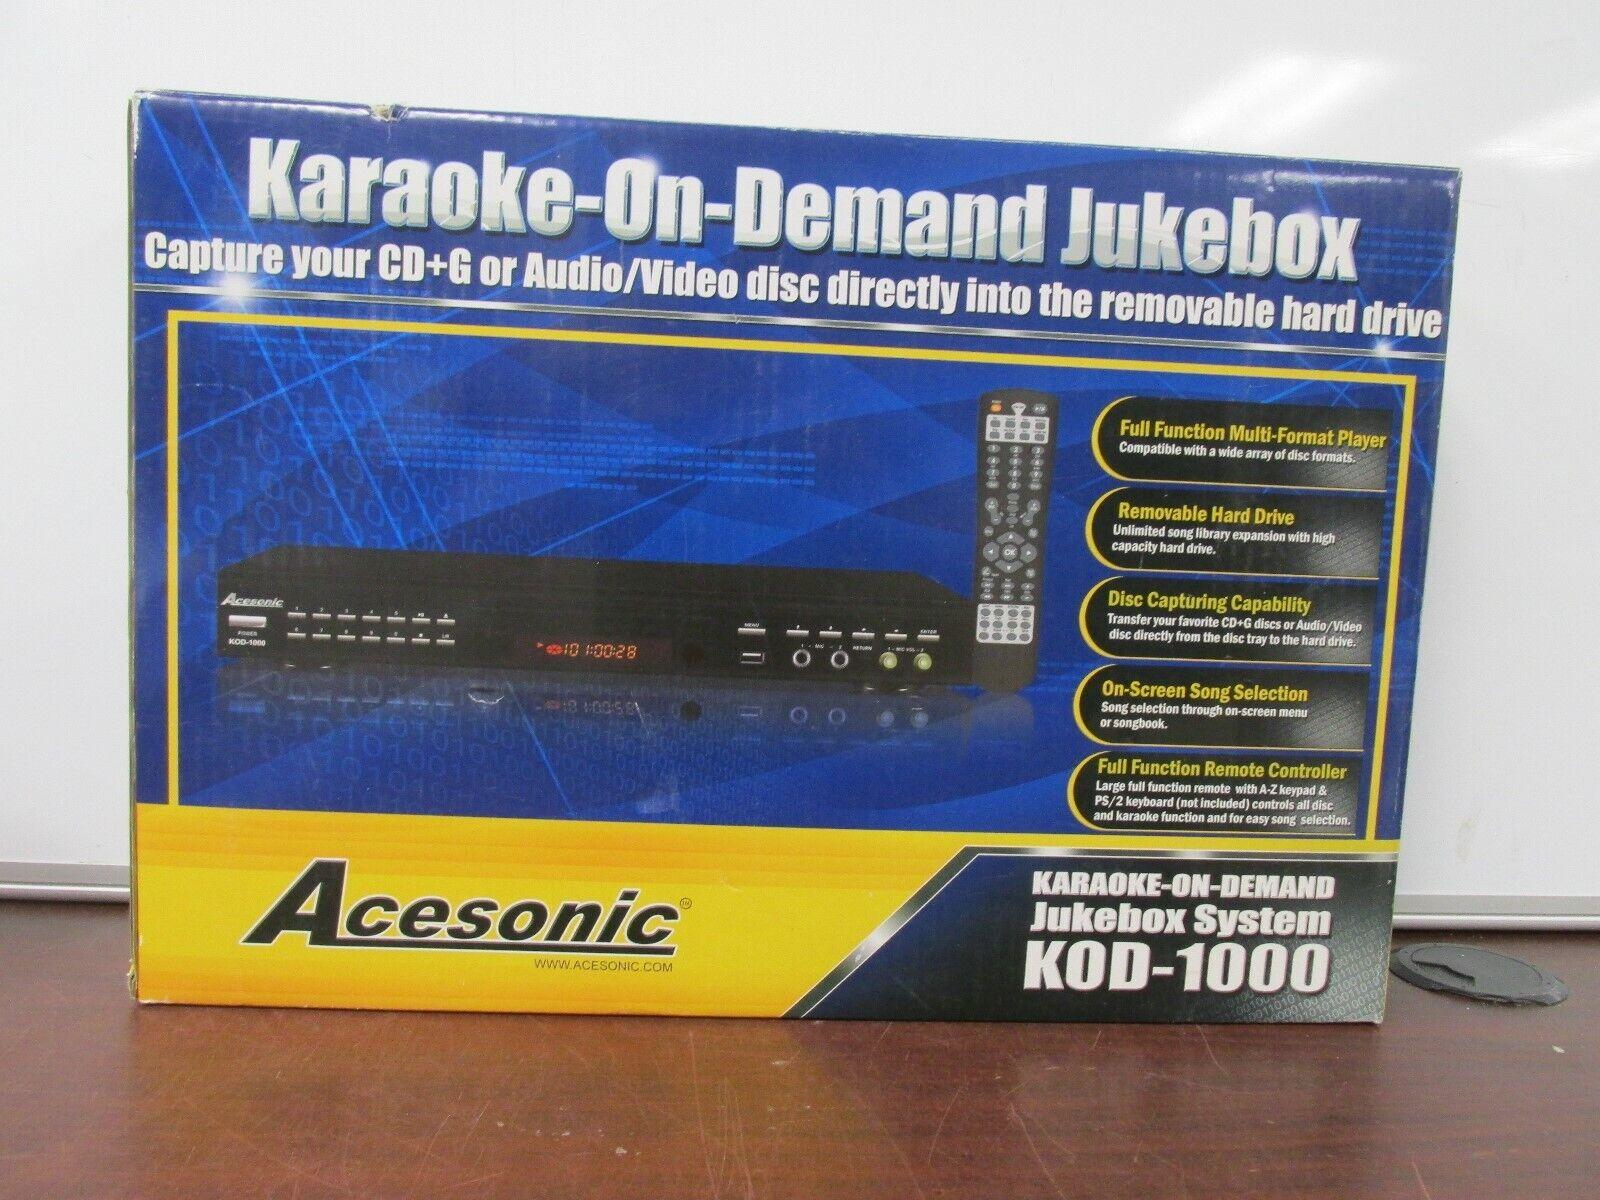 new karaoke on demand jukebox system kod